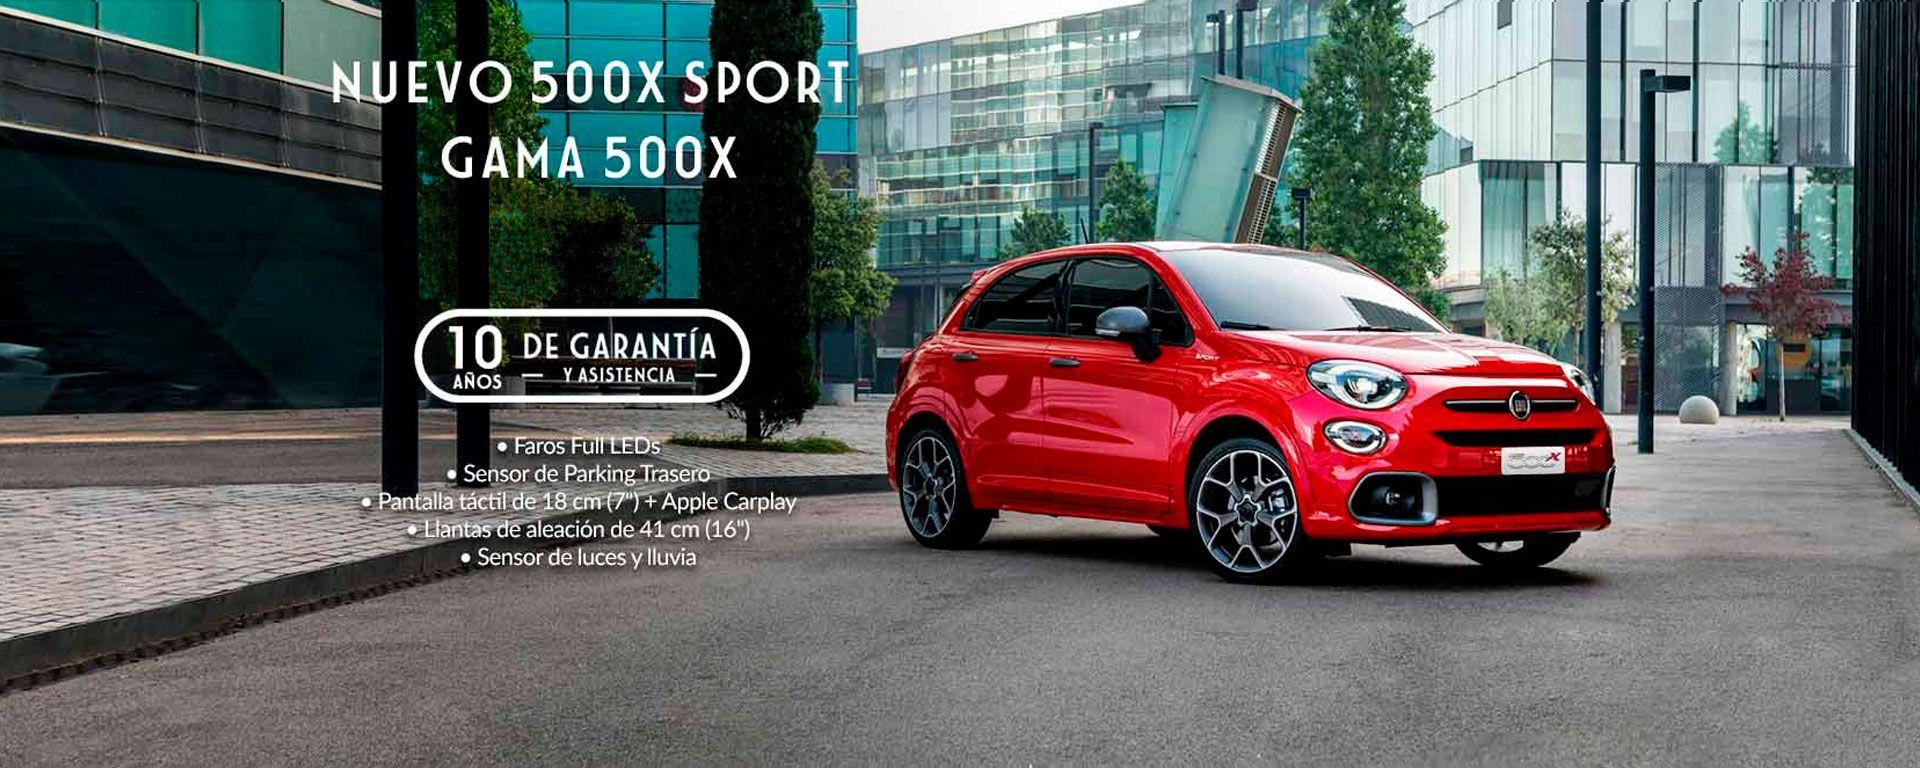 500X SPORT.